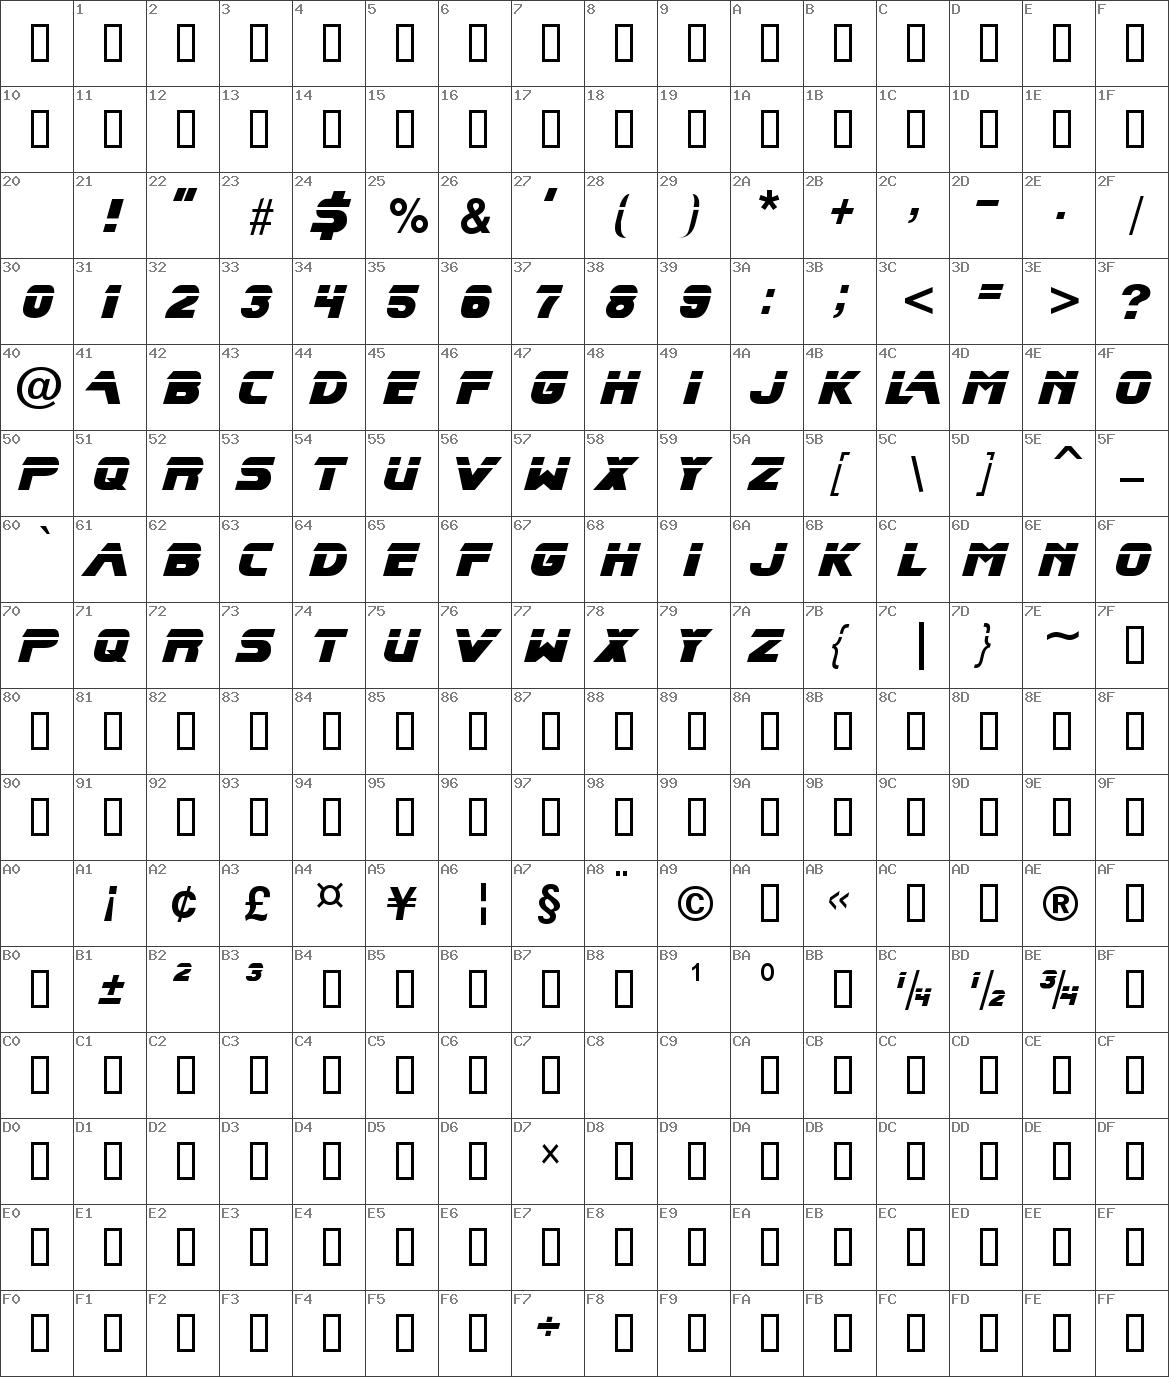 blade-runner-movie-font-regular-10992